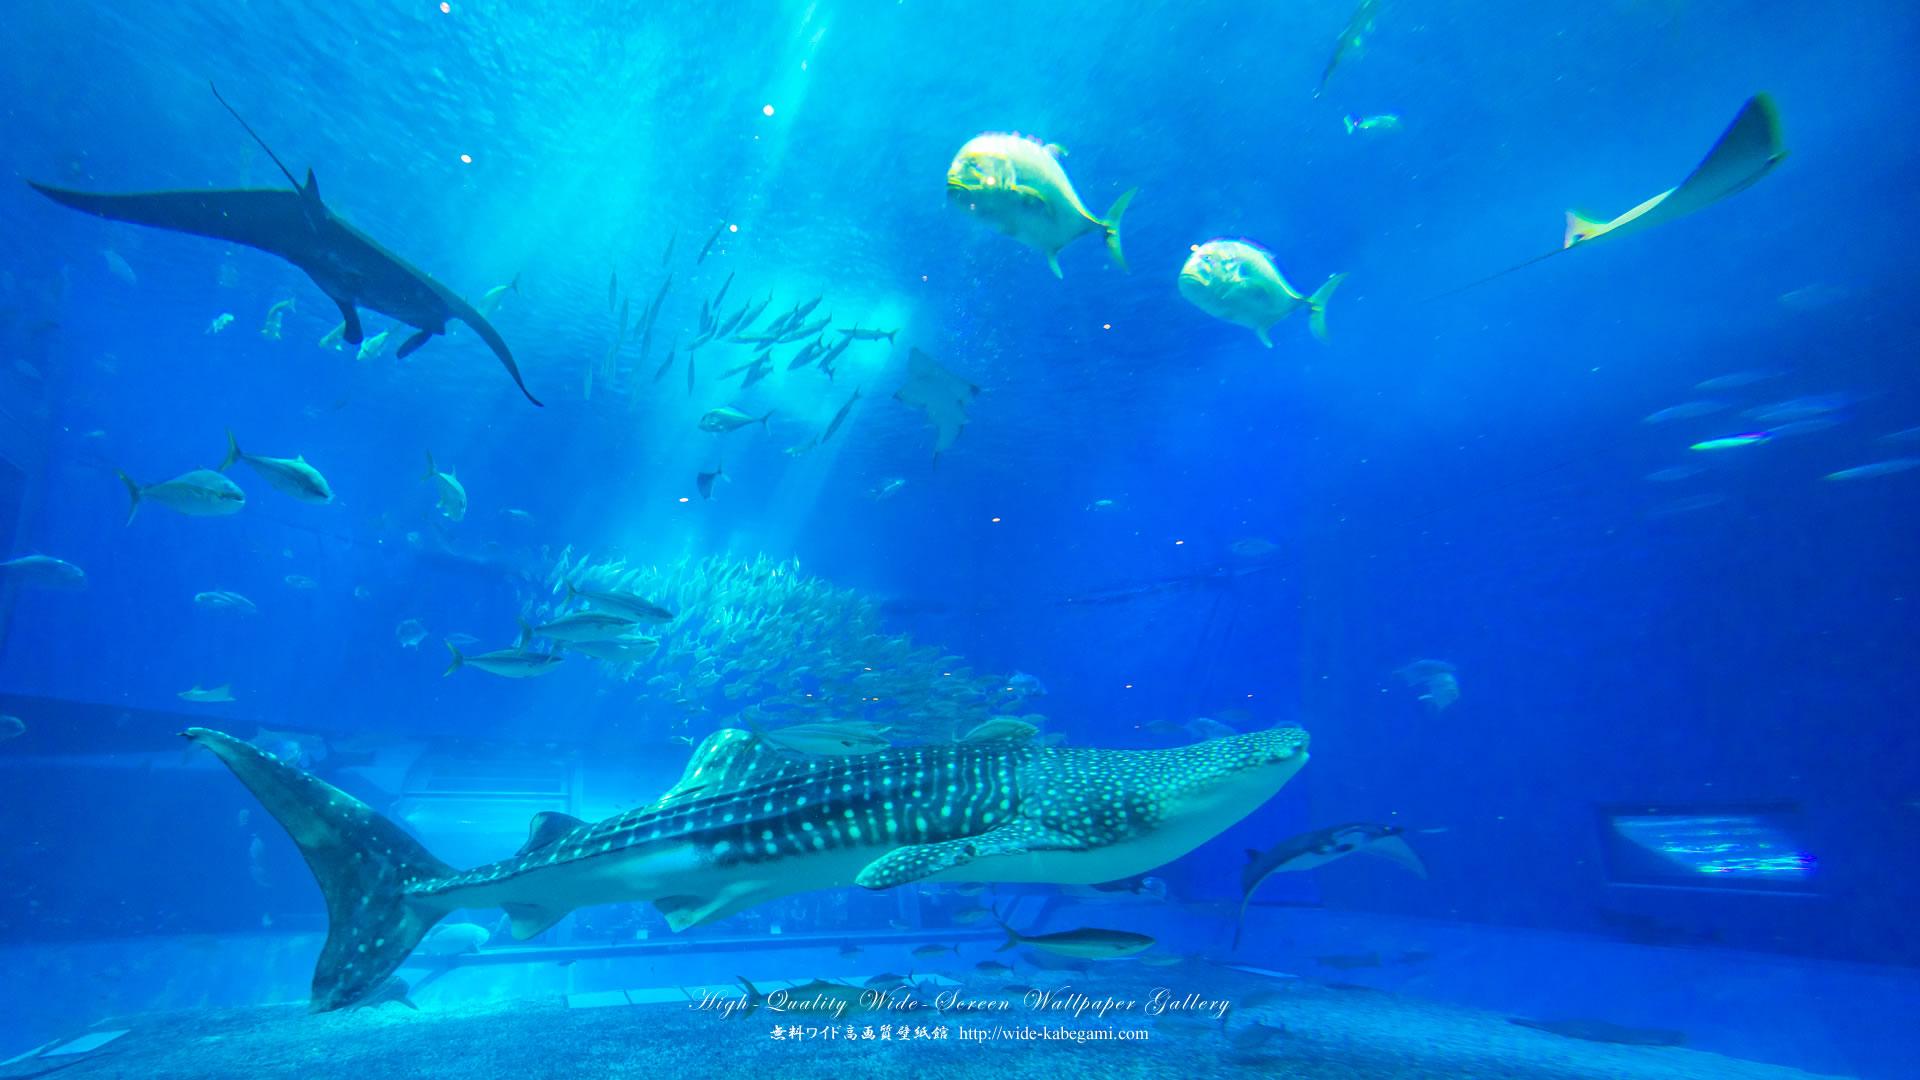 自然風景のワイド壁紙 1920x1080 沖縄 美ら海水族館 6 無料ワイド高